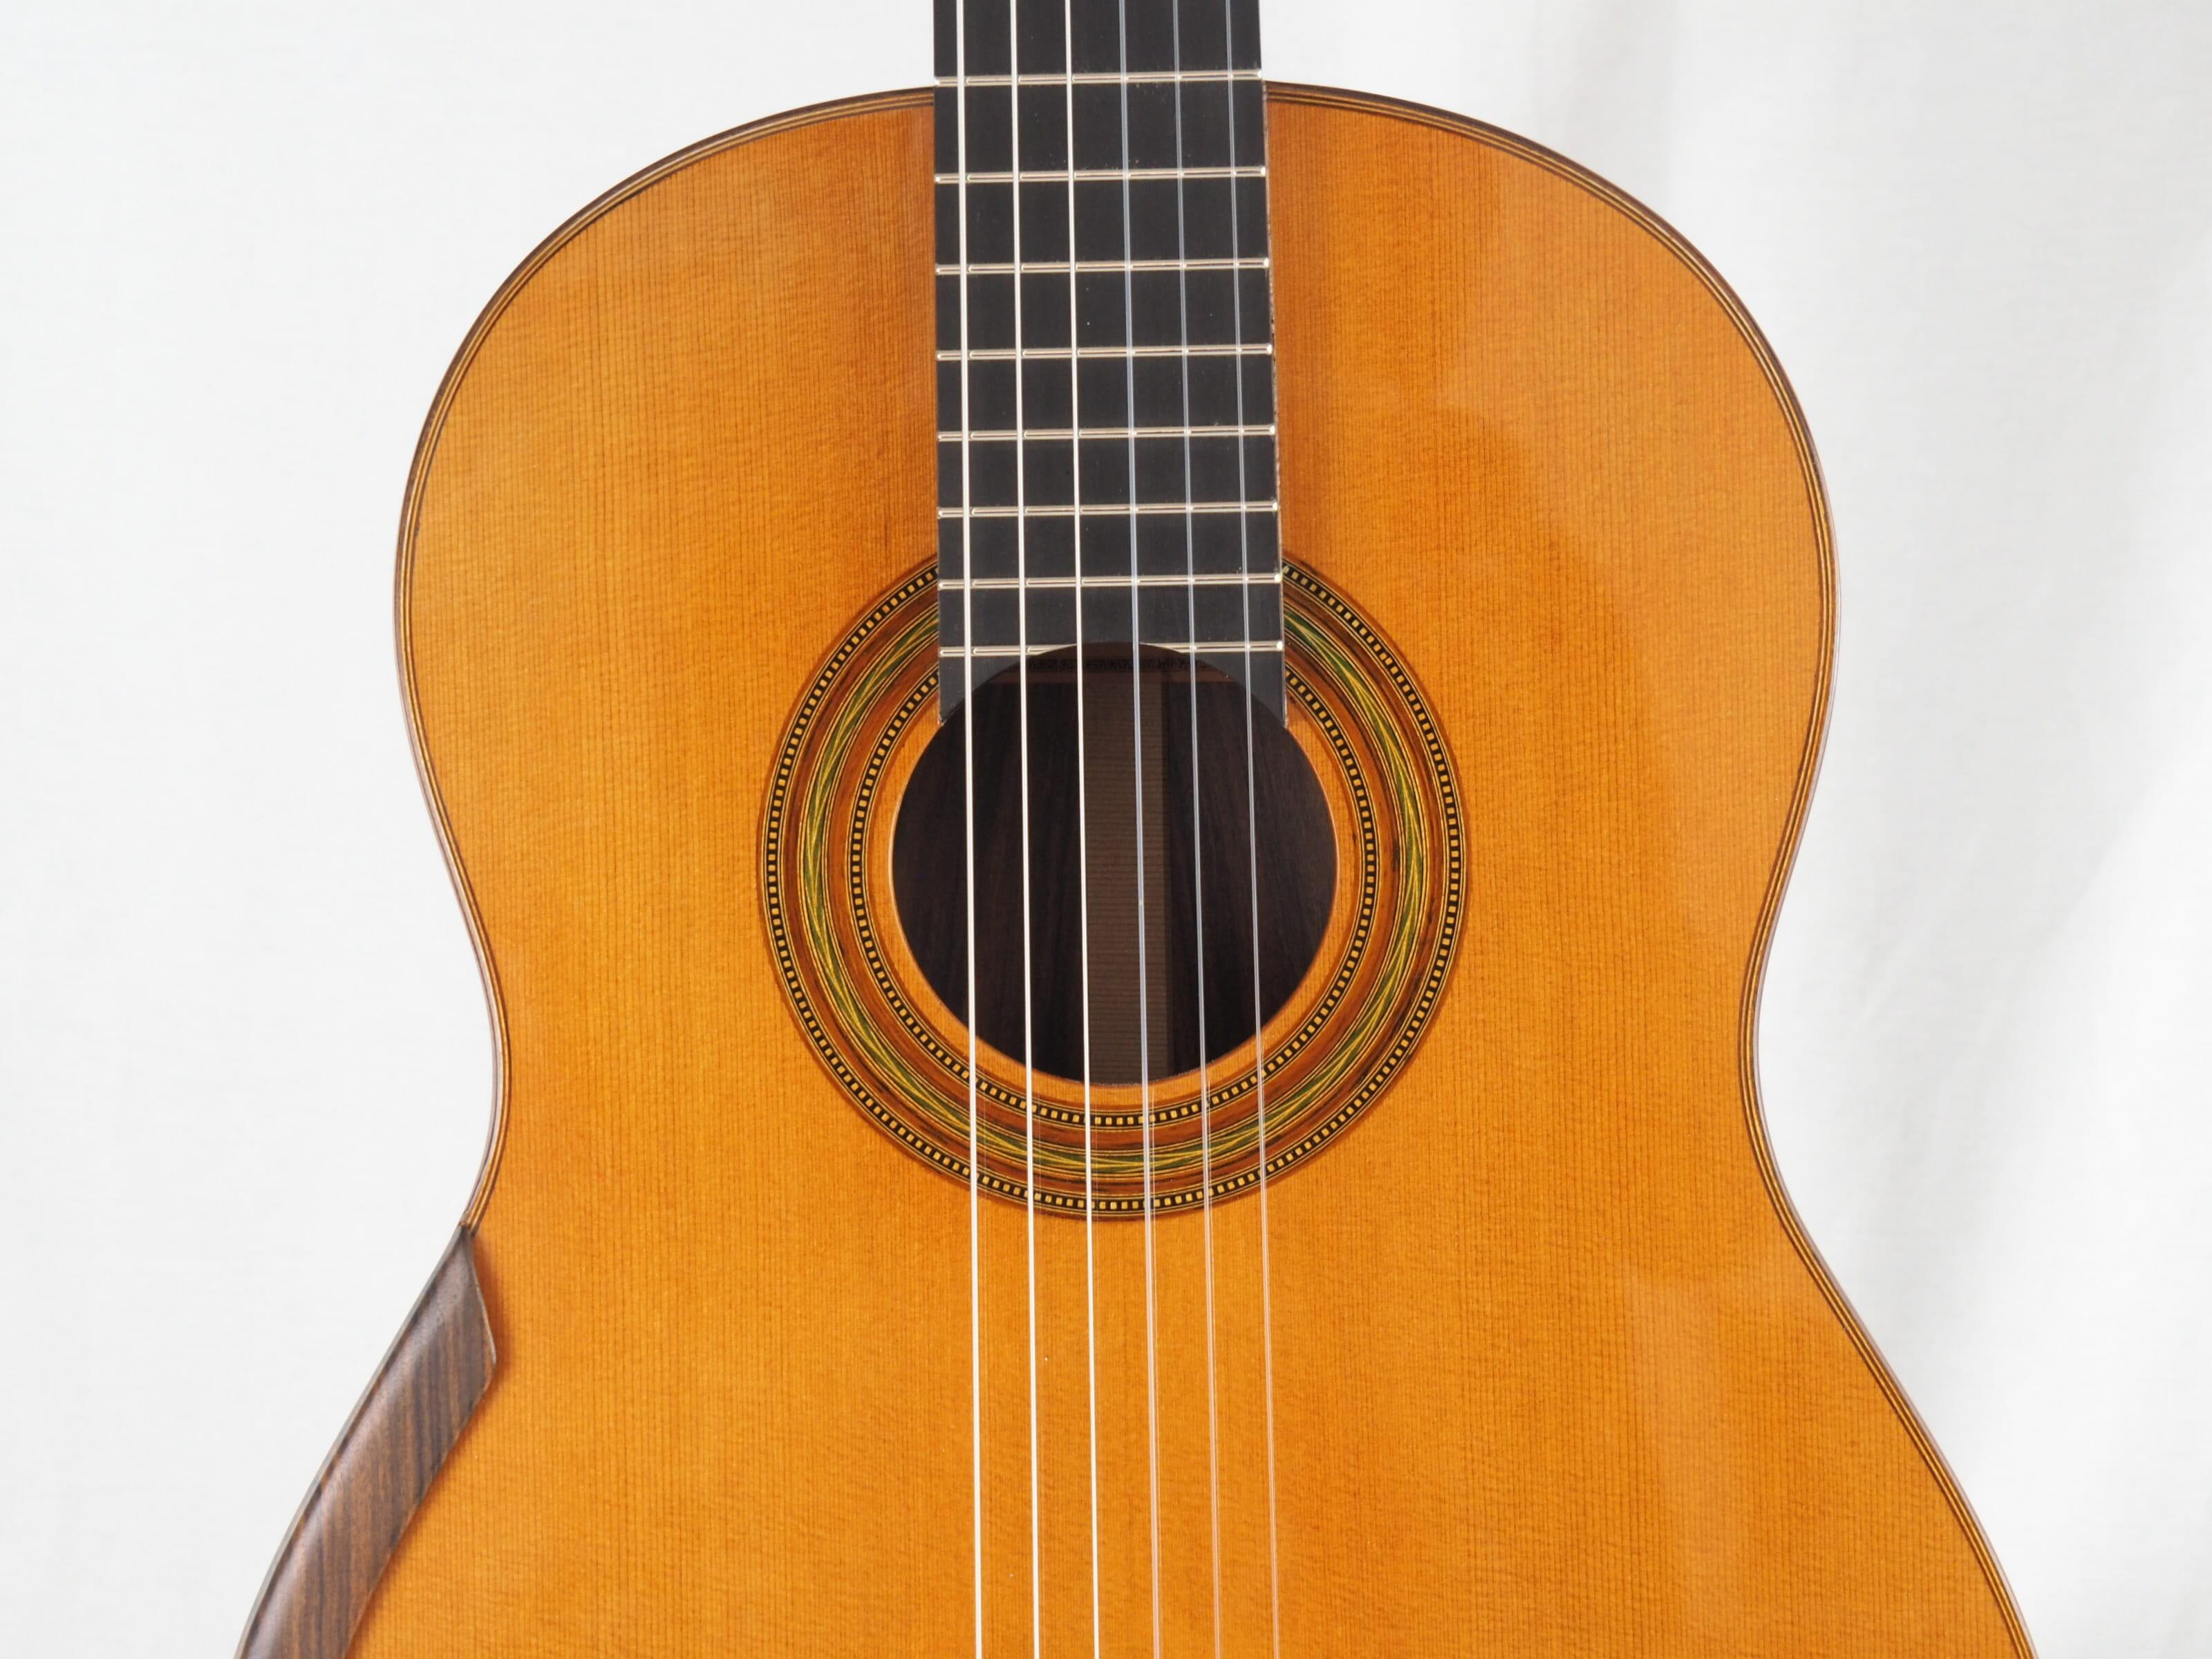 Stanislaw Partyka luthier guitare classique 2019 19PAR019-09